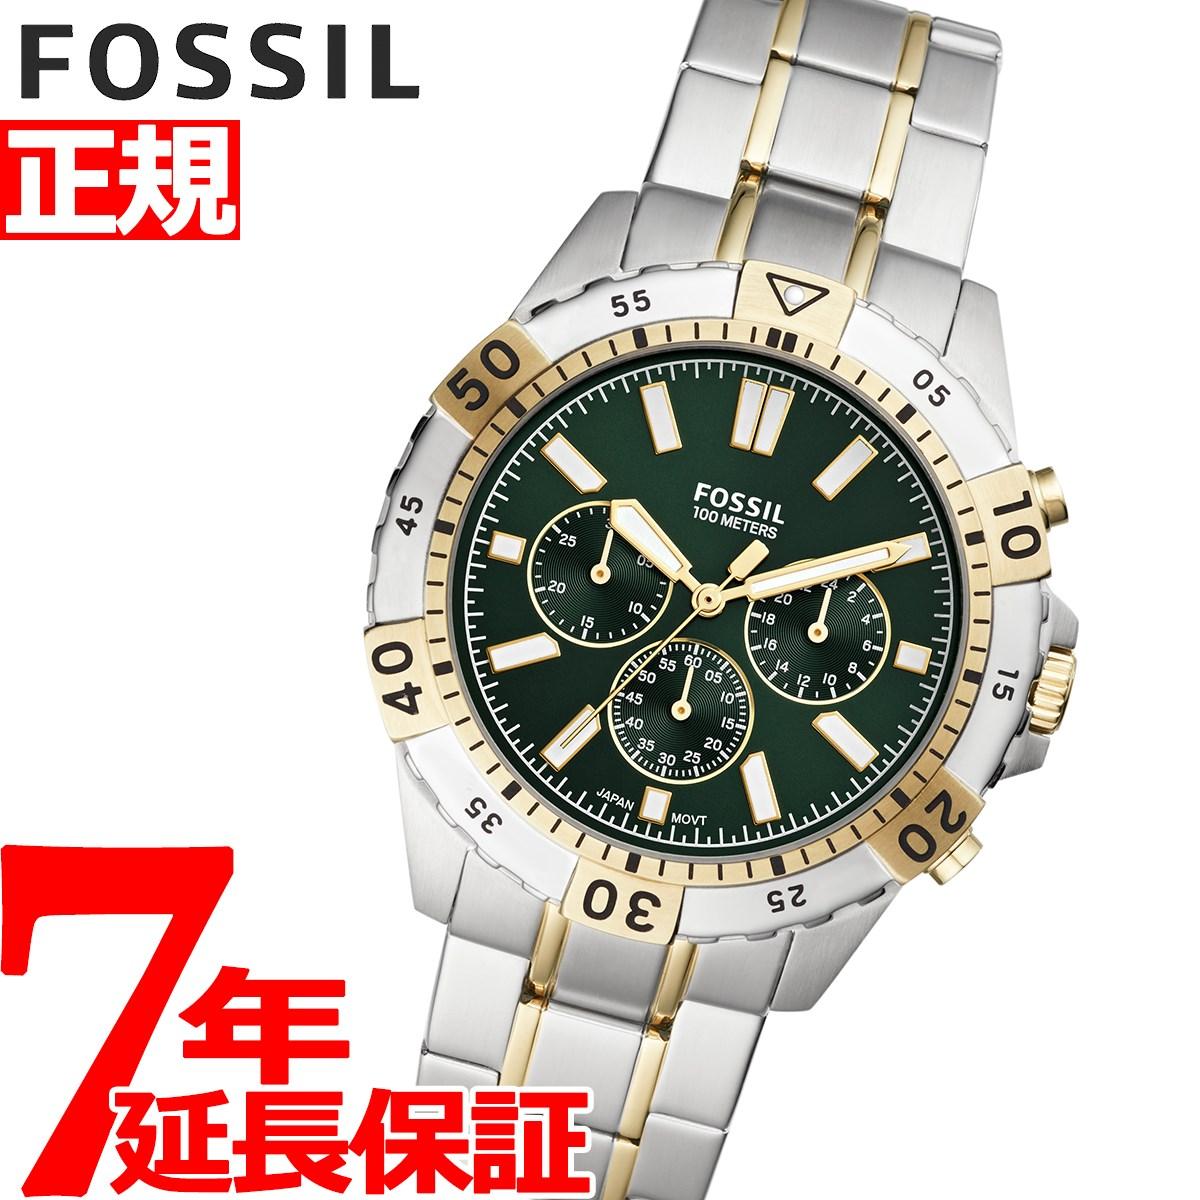 【5日0時~♪最大2000円OFFクーポン&店内ポイント最大51倍!5日23時59分まで】フォッシル FOSSIL 腕時計 メンズ ガレット GARRETT クロノグラフ FS5622